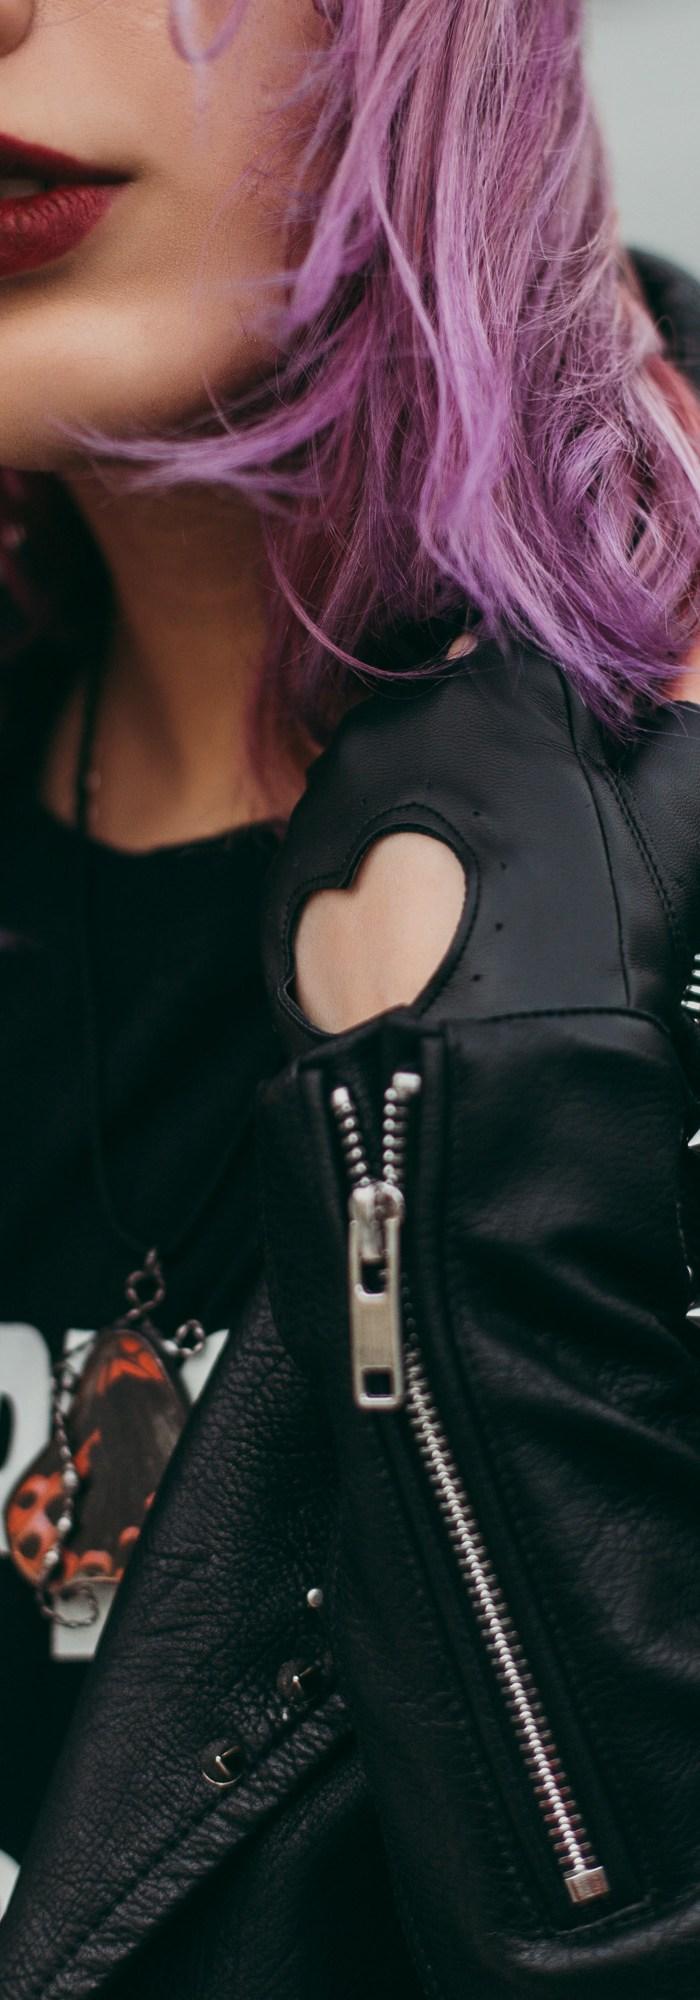 Woman Wears Black Leather Zip-up Jacket